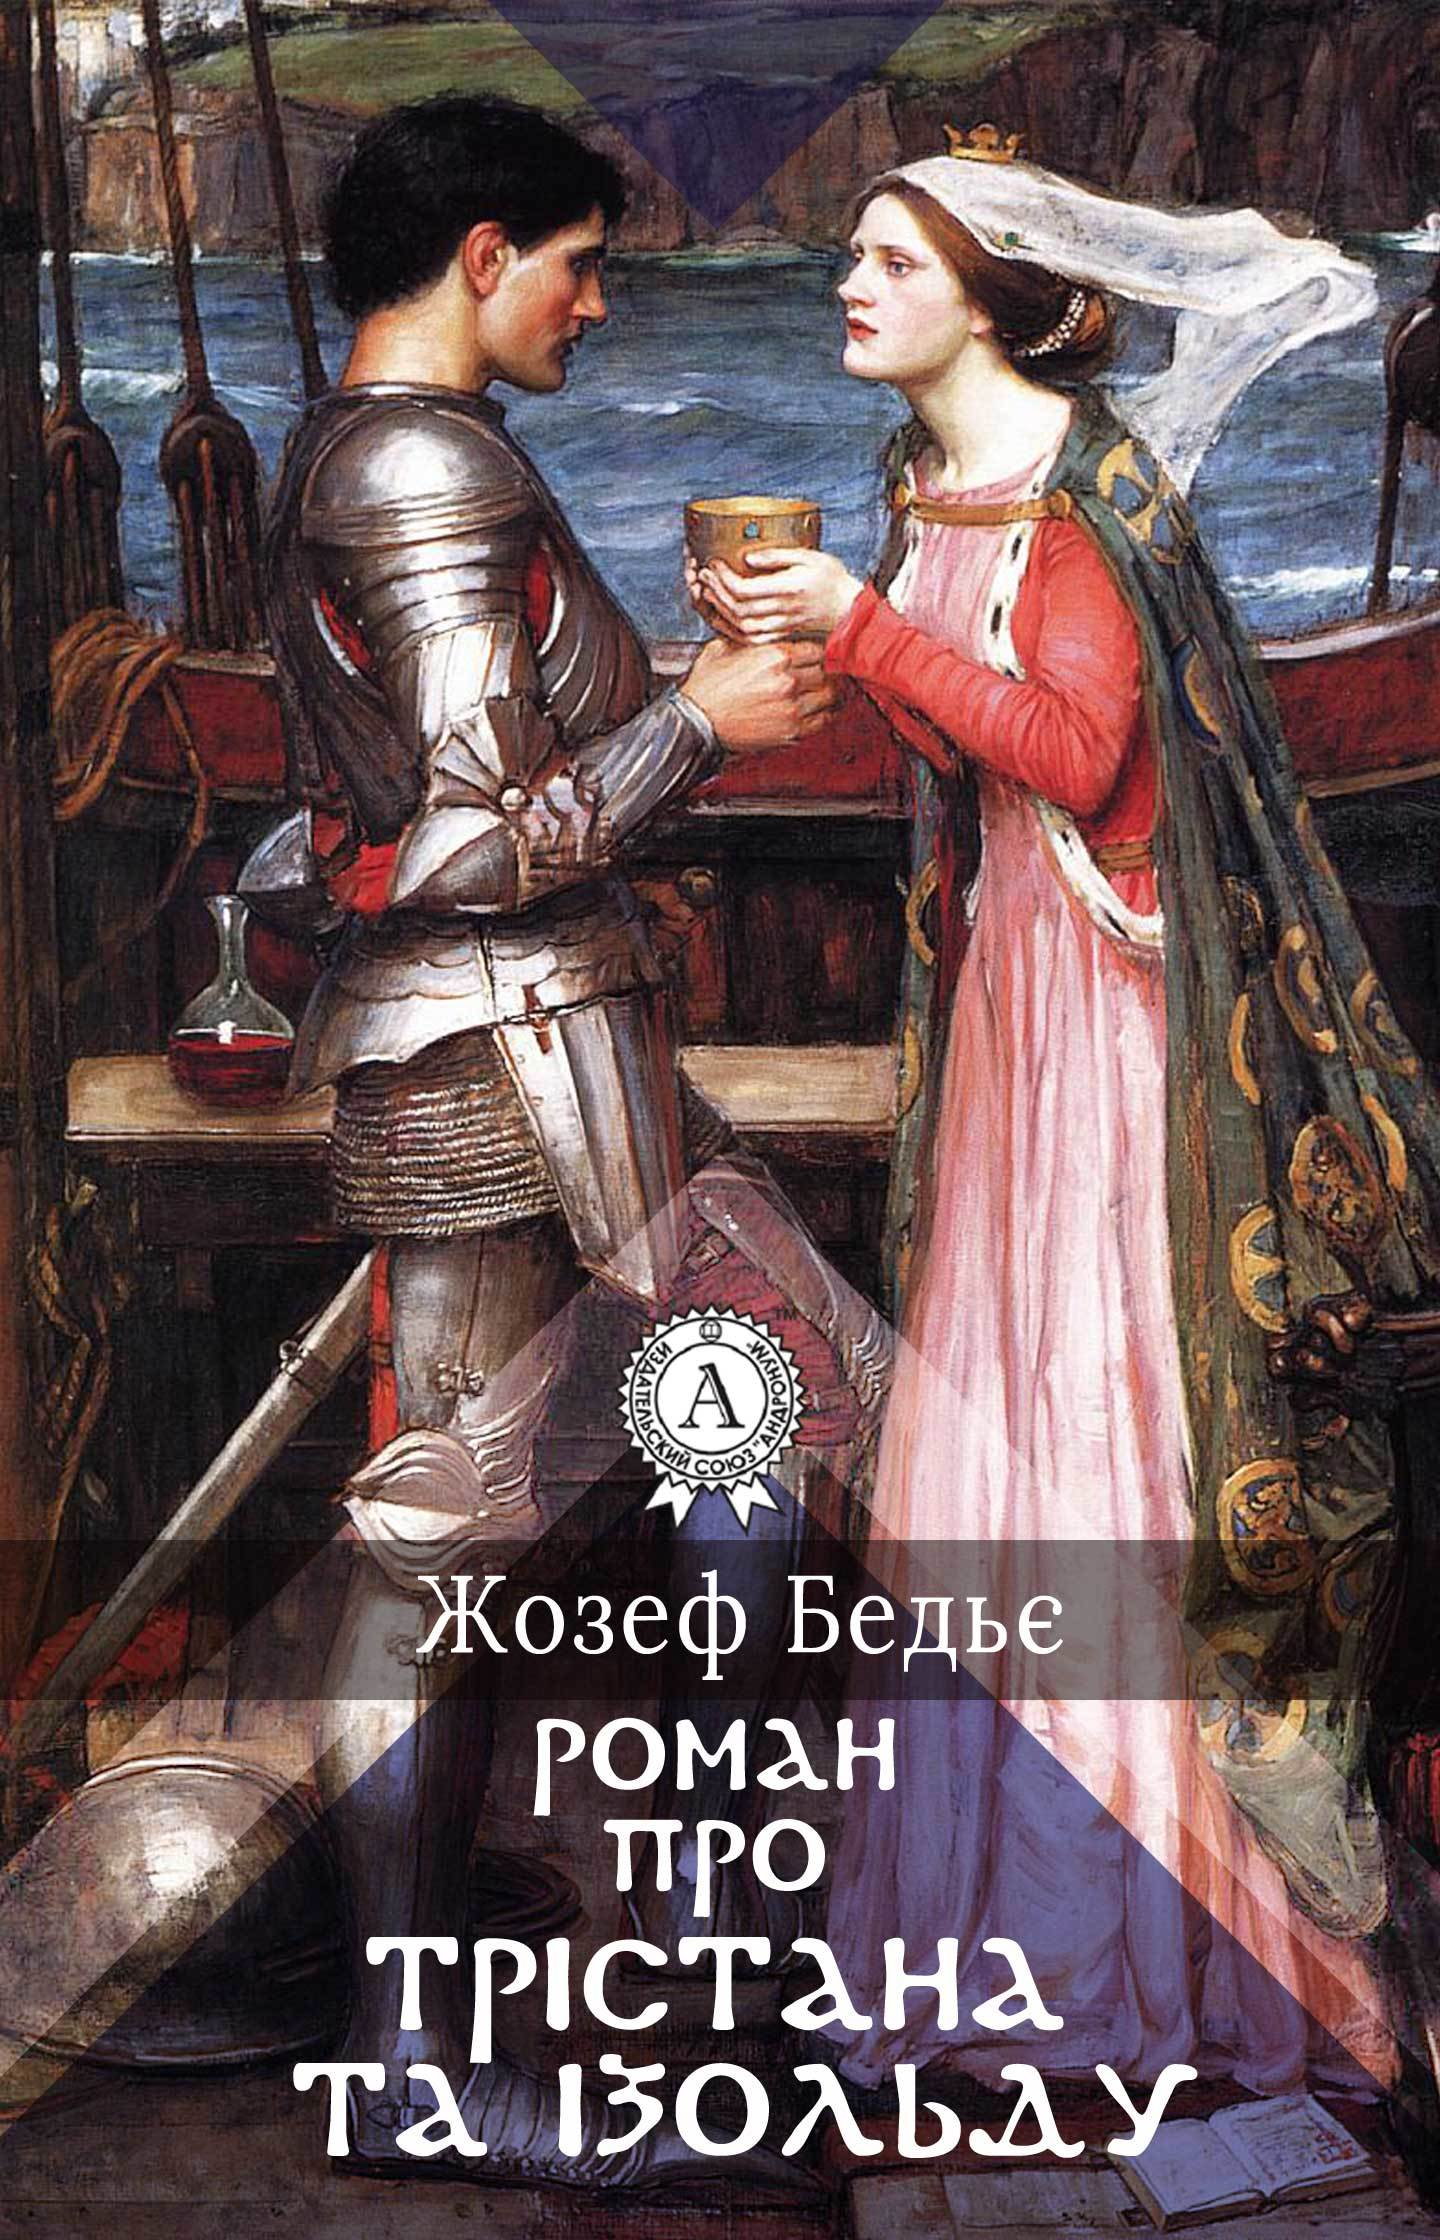 Жозеф Бедьє Роман про Трістана та Ізольду жозеф бедьє роман про трістана та ізольду